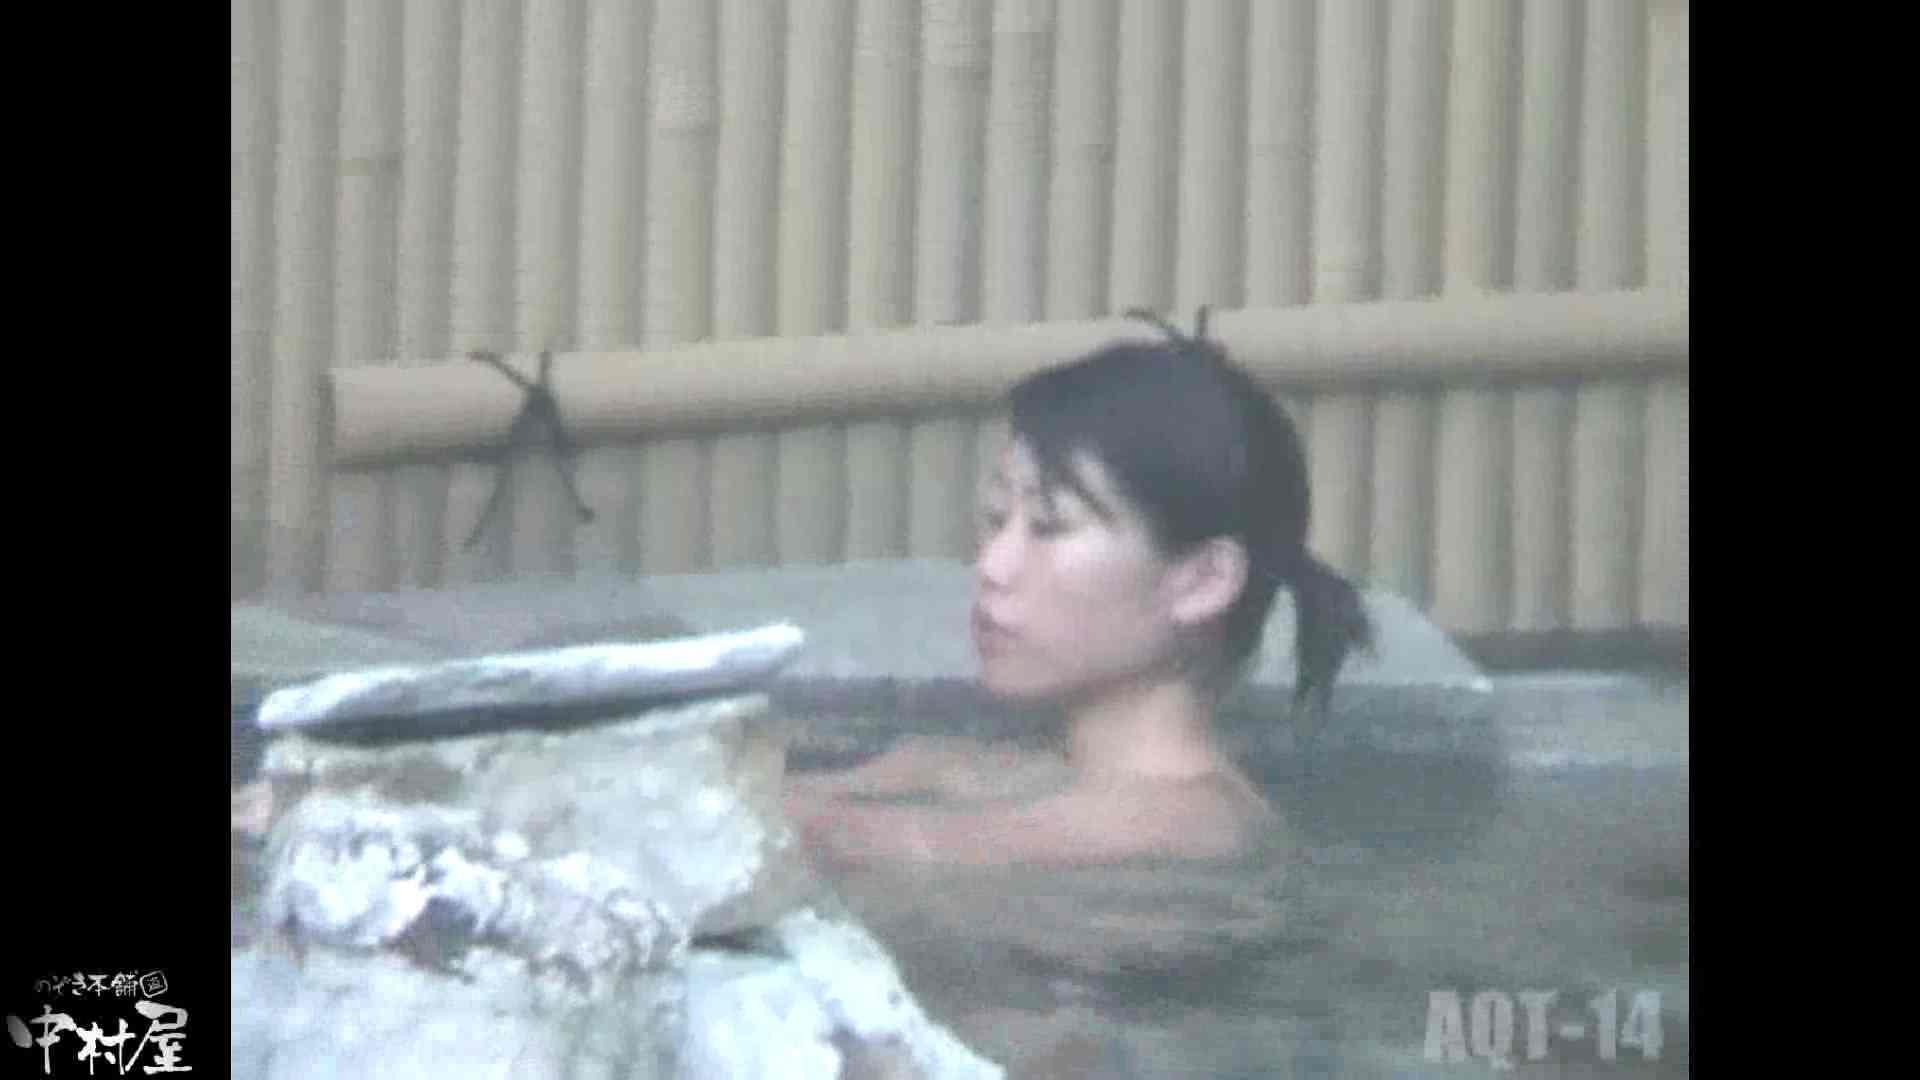 Aquaな露天風呂Vol.878潜入盗撮露天風呂十四判湯 其の一 0  35連発 4